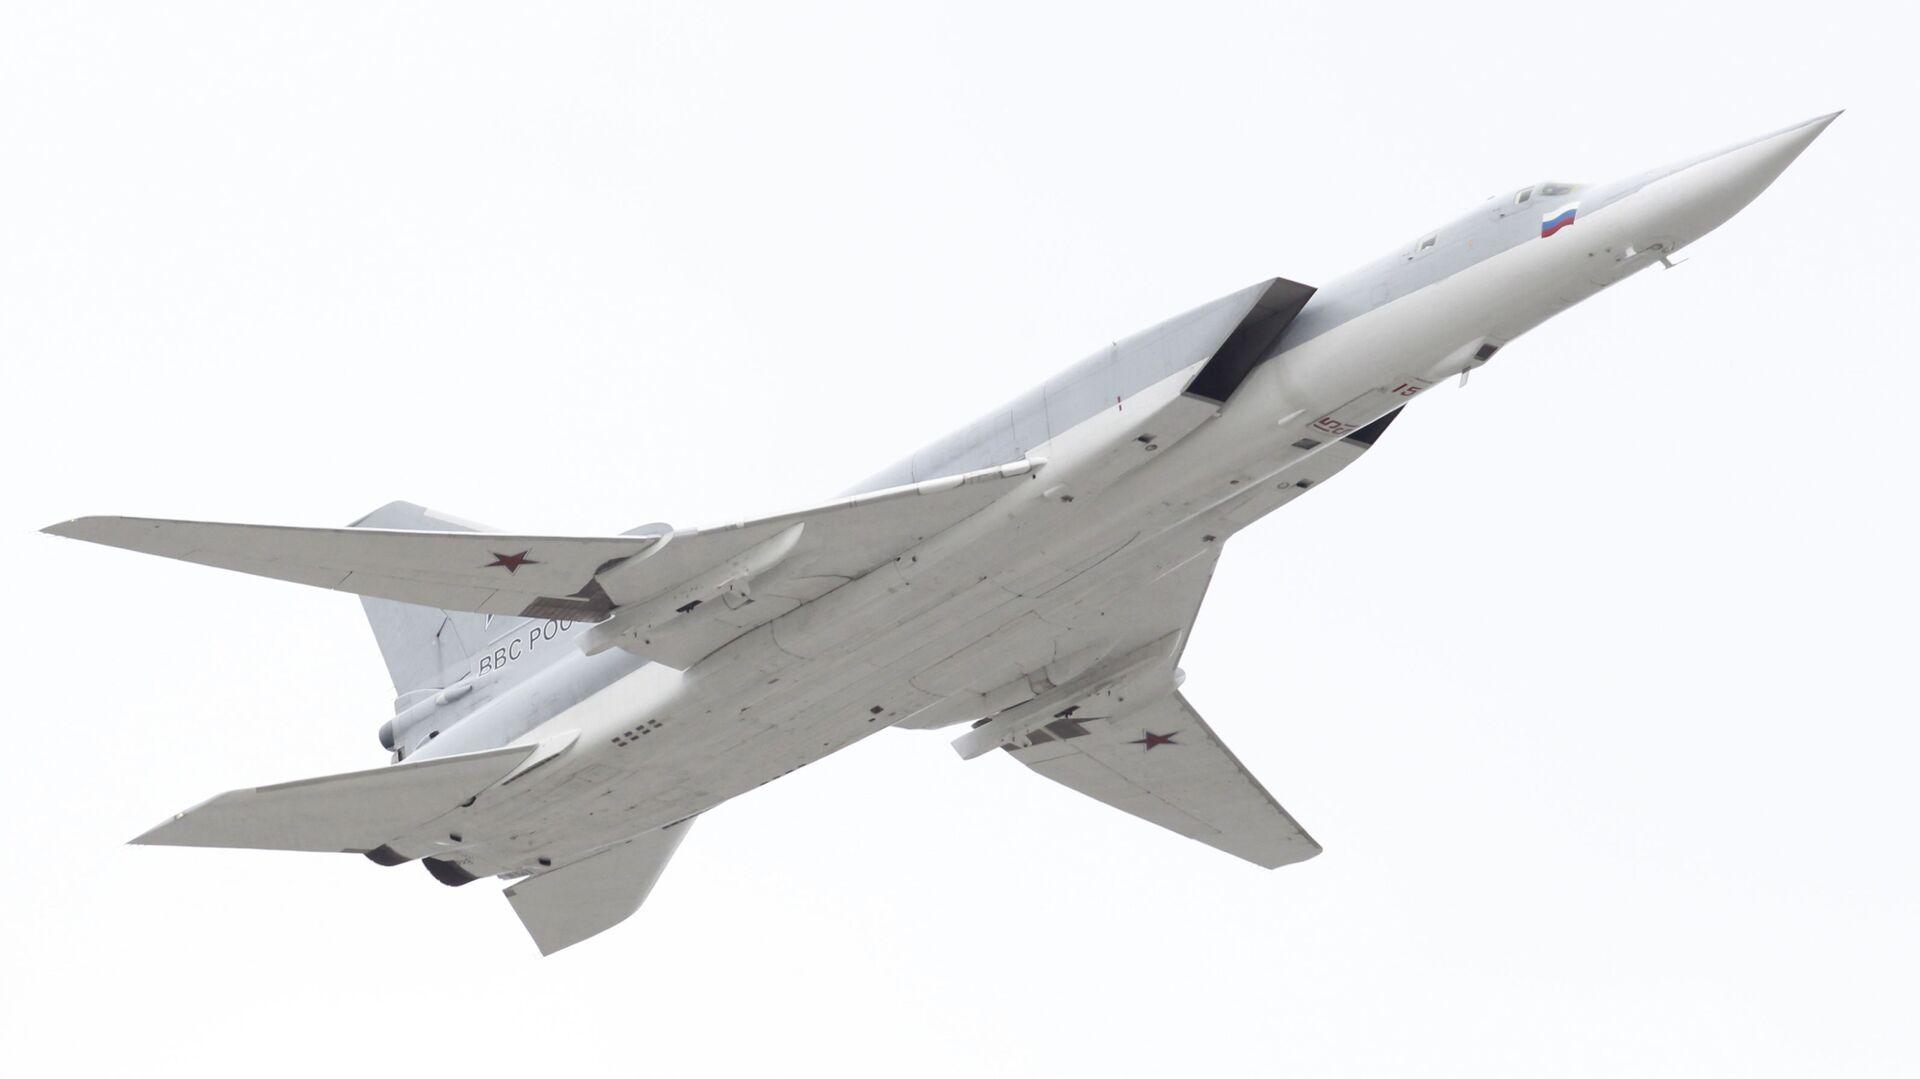 Сверхзвуковой стратегический бомбардировщик-ракетоносец Ту-22М3 - РИА Новости, 1920, 06.02.2021